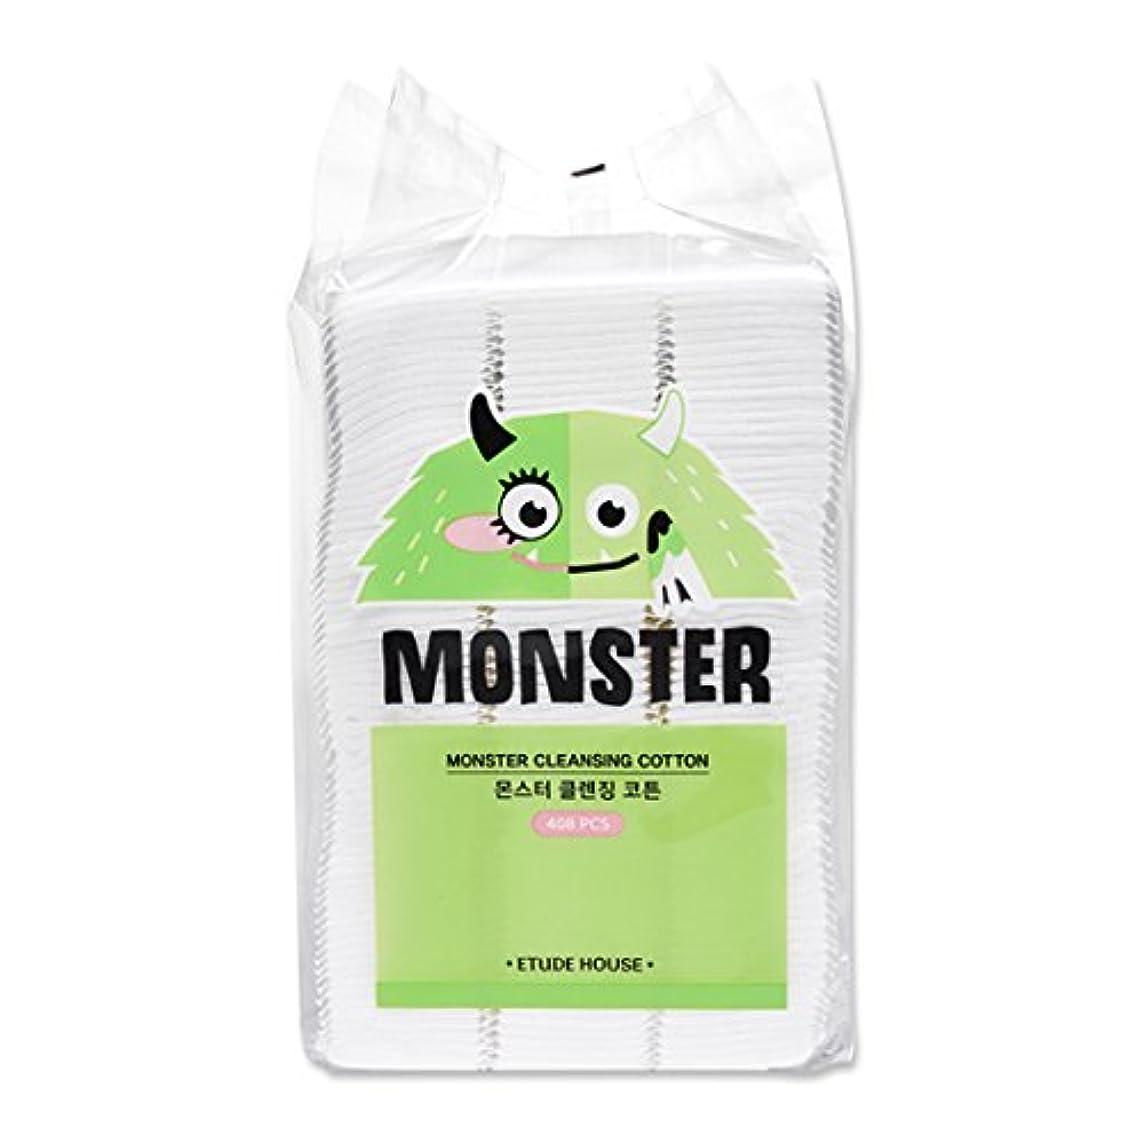 切手ランタン洗うETUDE HOUSE Monster Cleansing Cotton / エチュードハウス モンスター クレンジング コットン 408枚 [並行輸入品]